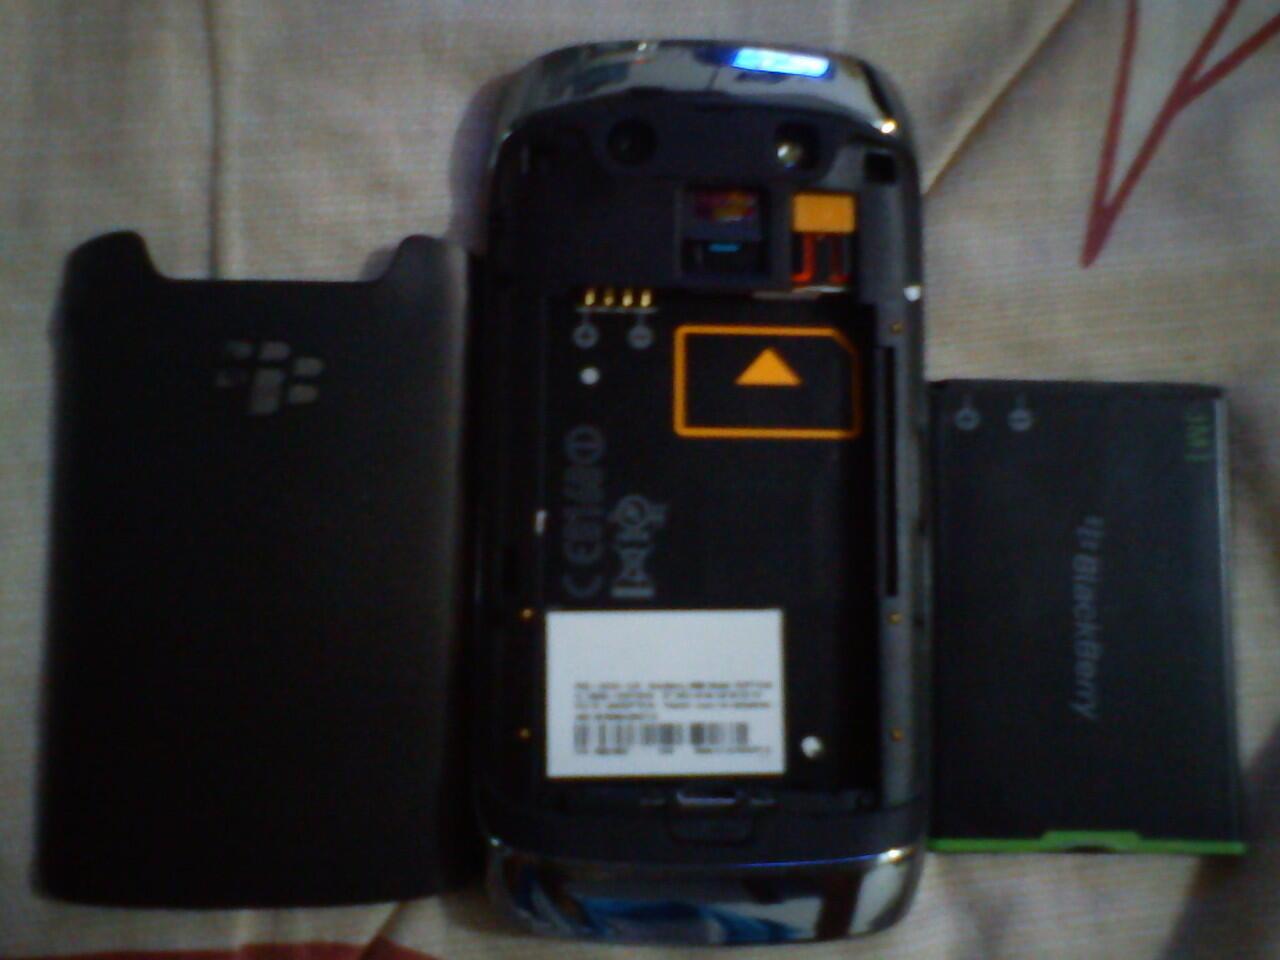 Jual Murah! Blackberry 9860 Monza a.k.a Torch 3 Black PIN Cantik Fullset Bogor